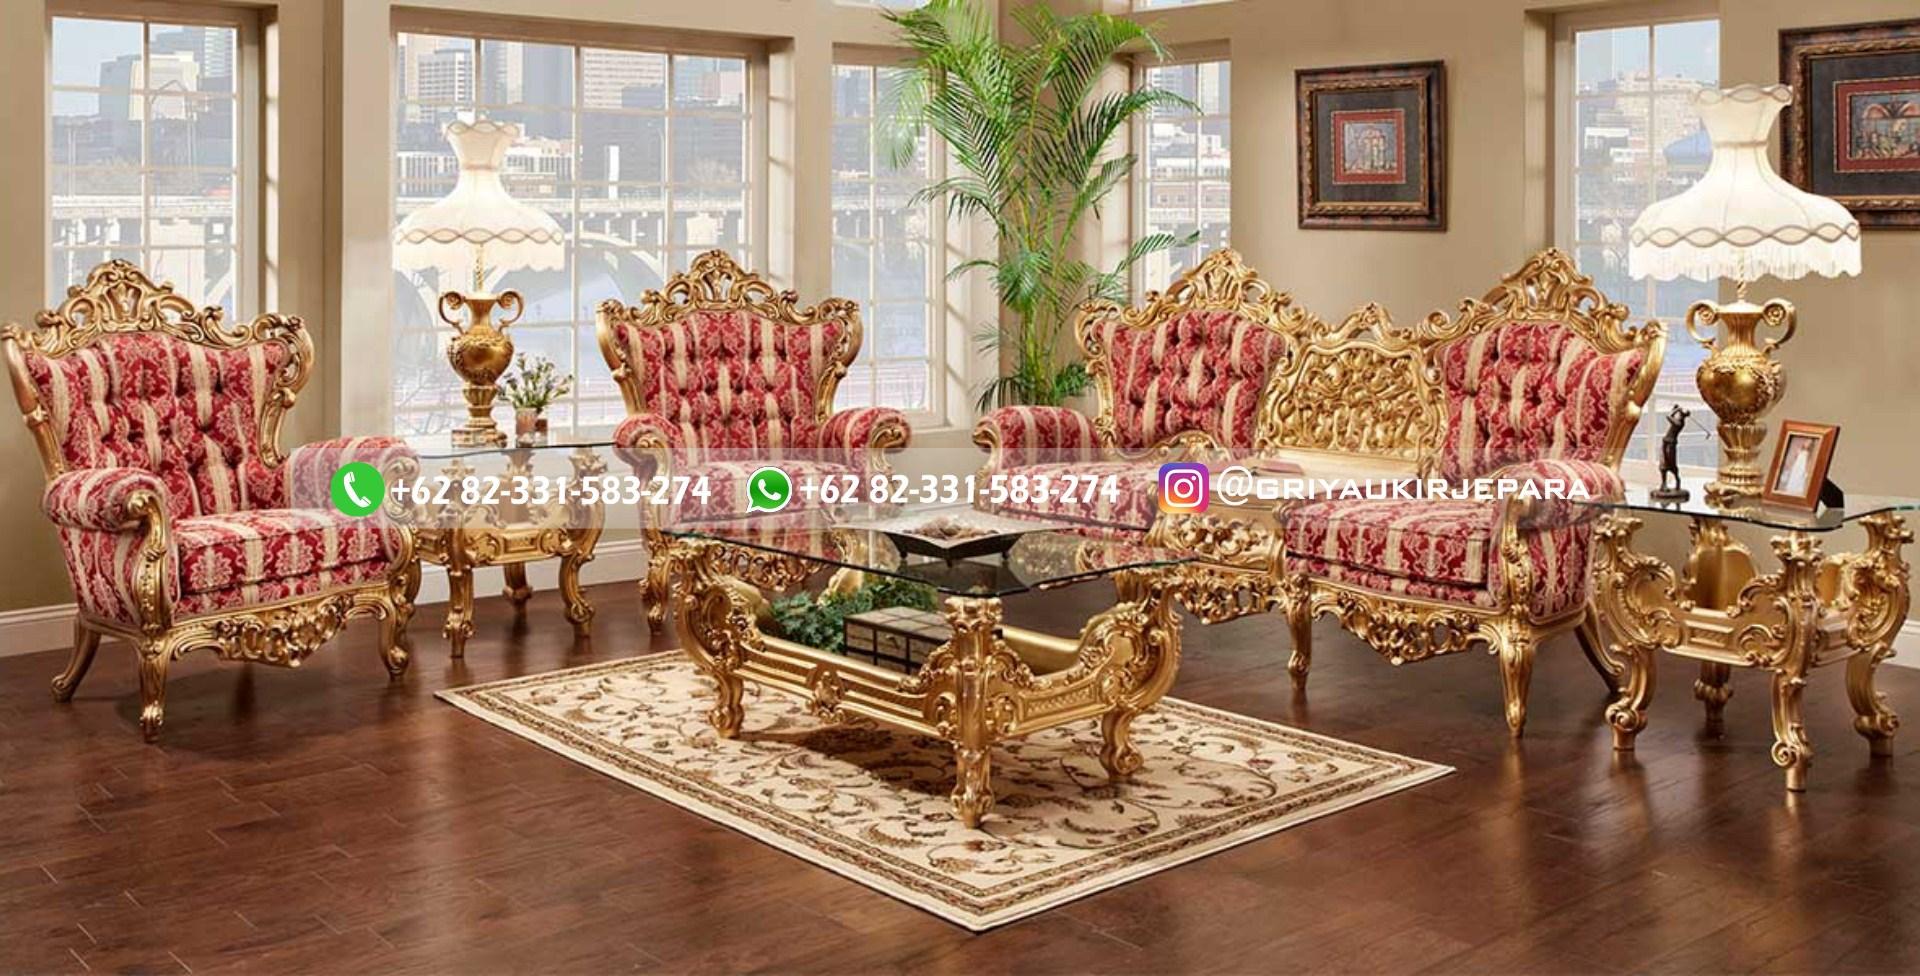 sofa ruang tamu jati mewah griya ukir jepara 102 - 50+ Sofa Ruang Tamu Jati Murah